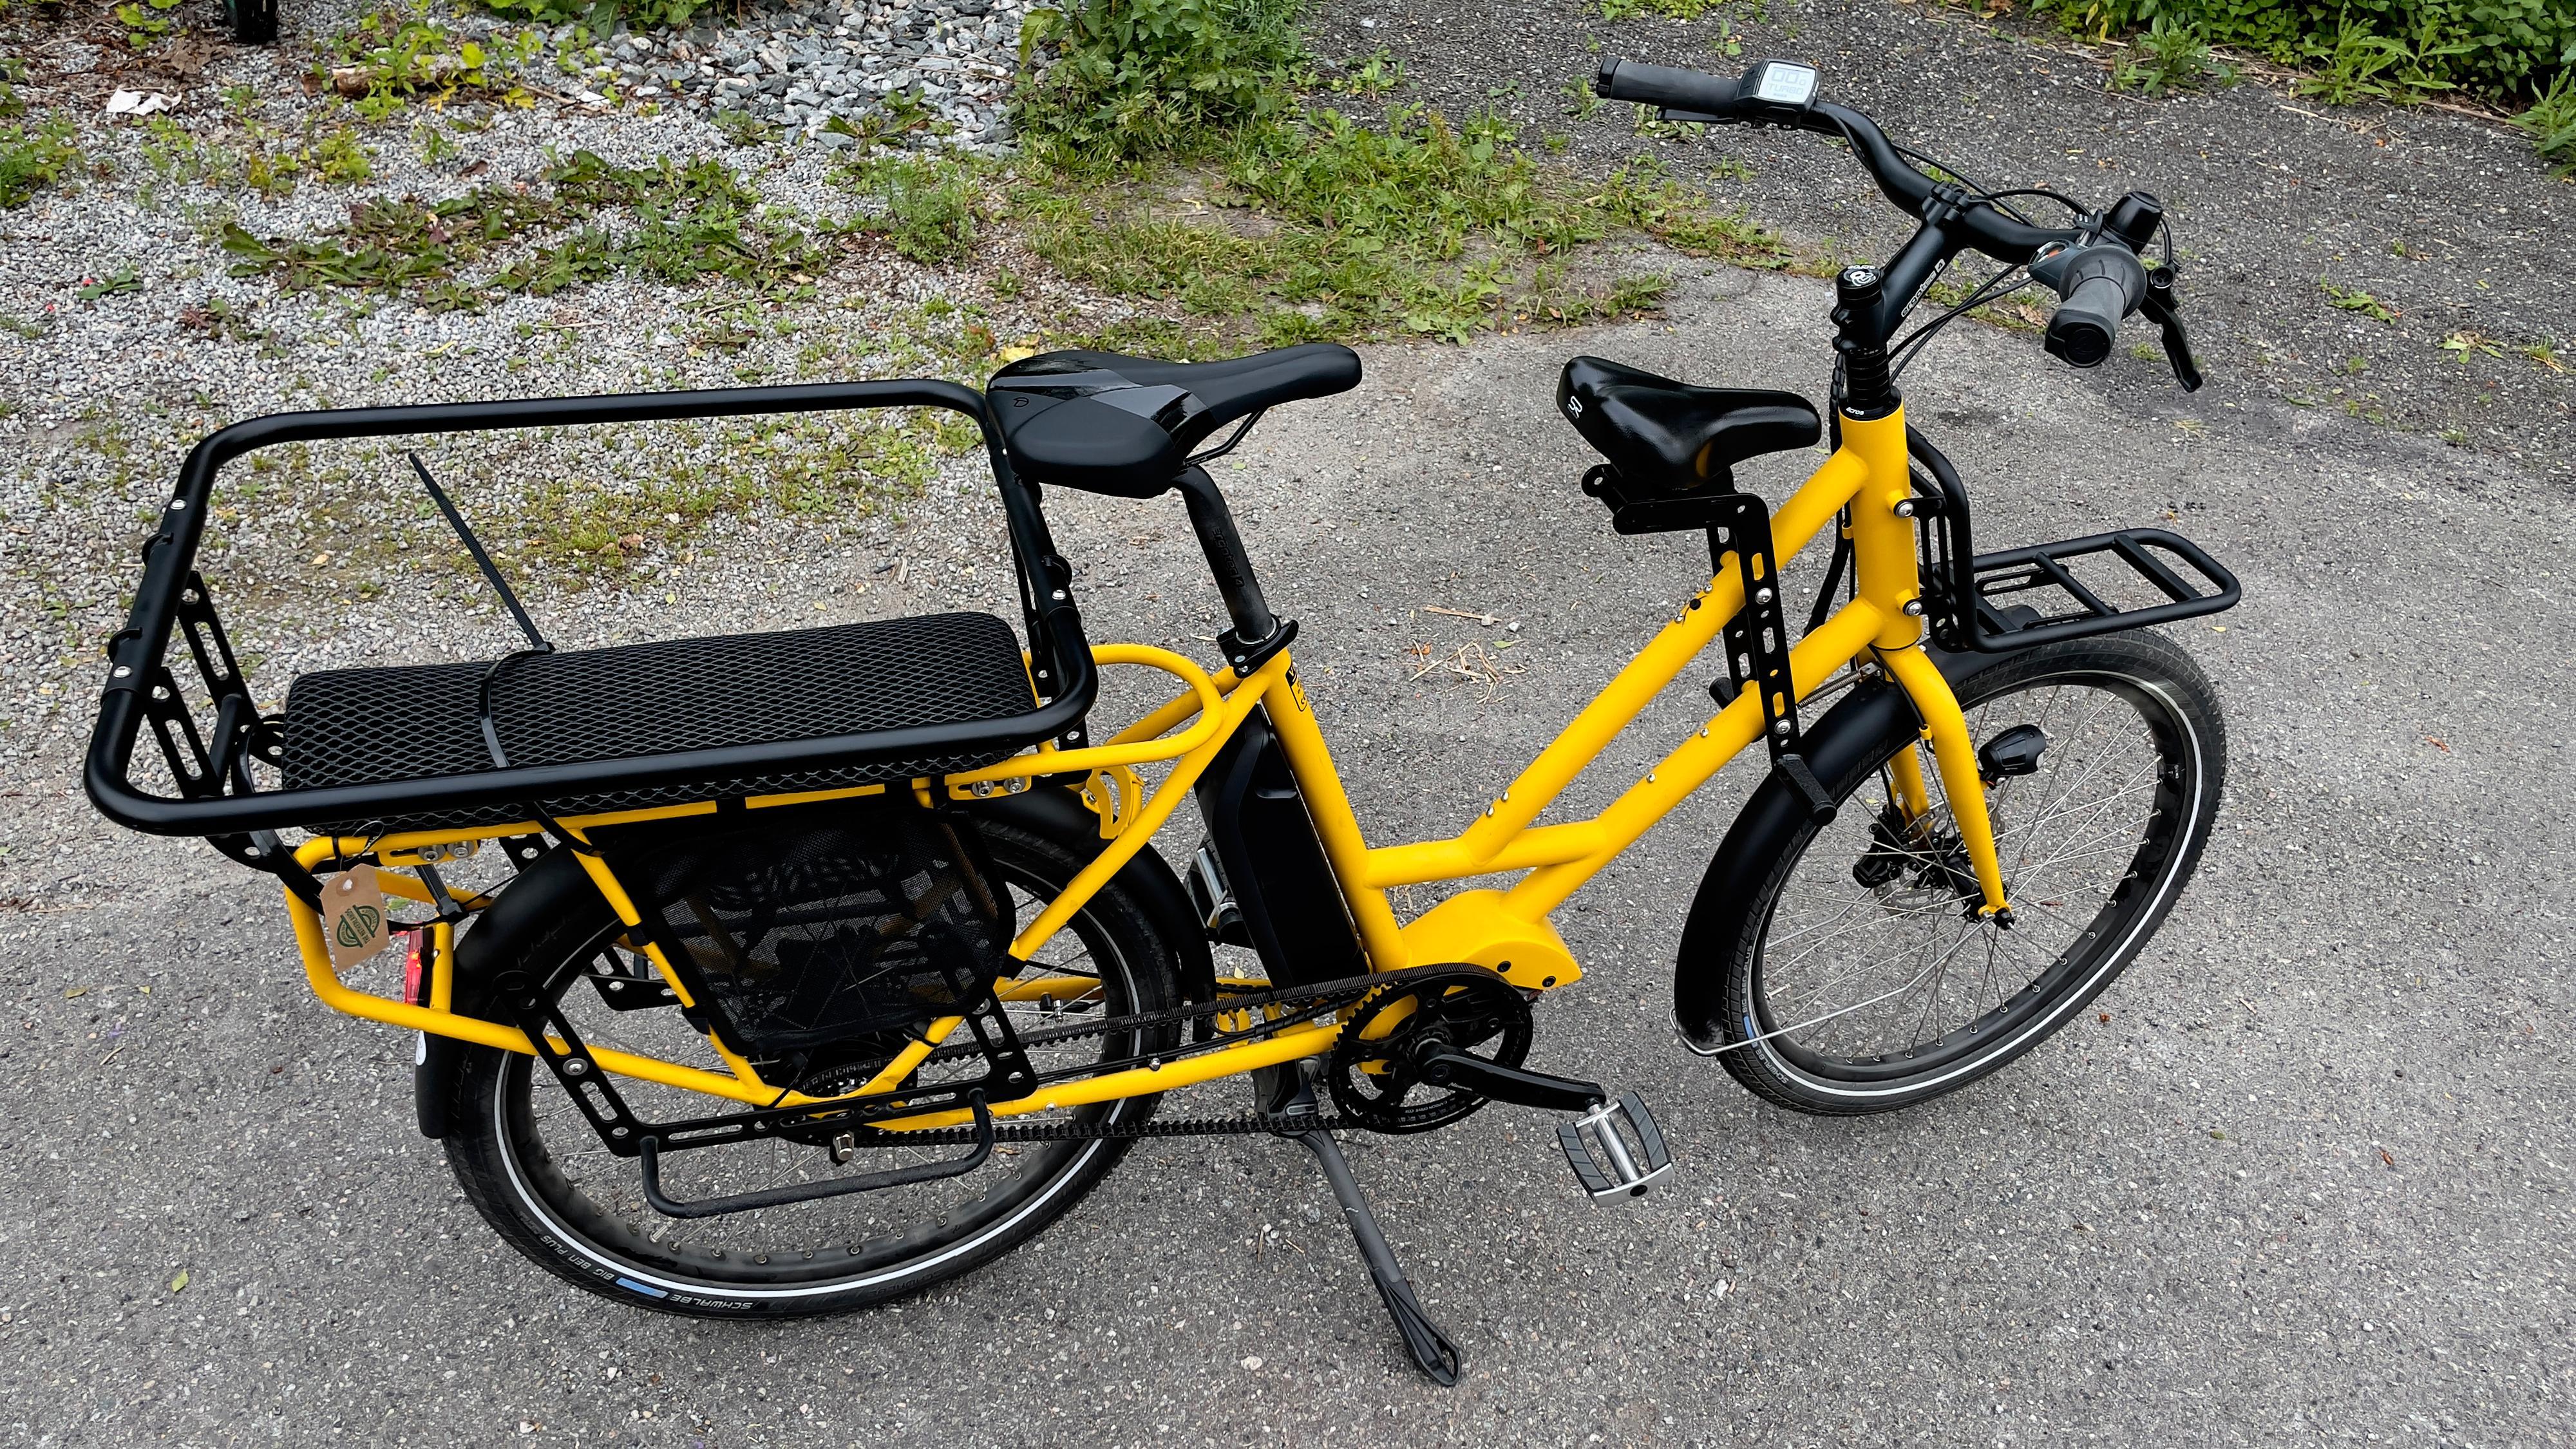 Sykkelen er liten og kompakt til å kunne frakte med seg flere. Her ser du også en del ekstrautstyr som står beskrevet lenger ned i testen.